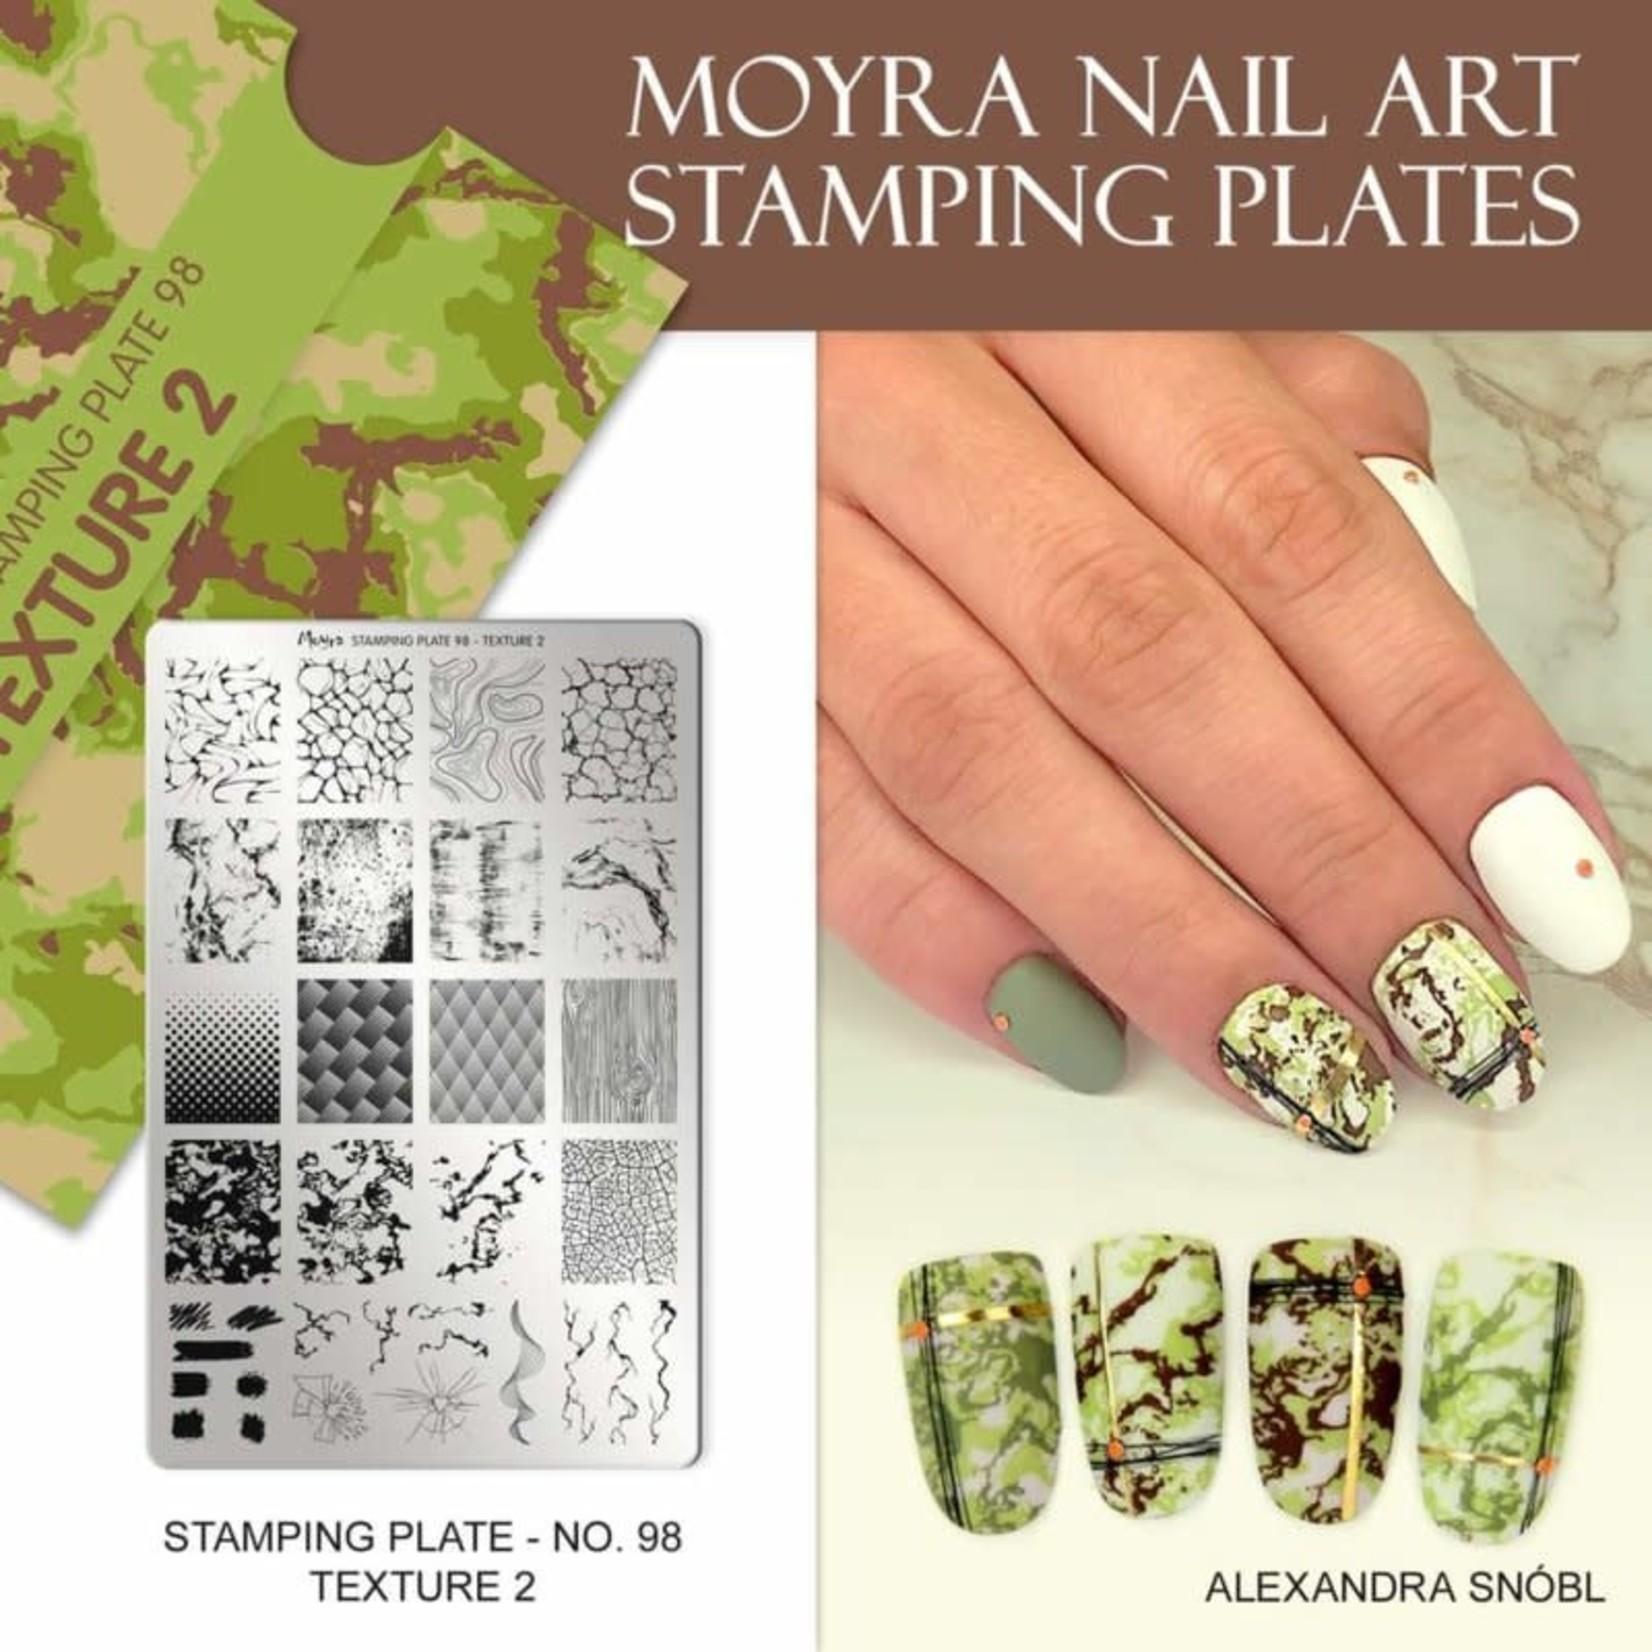 Moyra Moyra Stamping plate 98 Texture 2